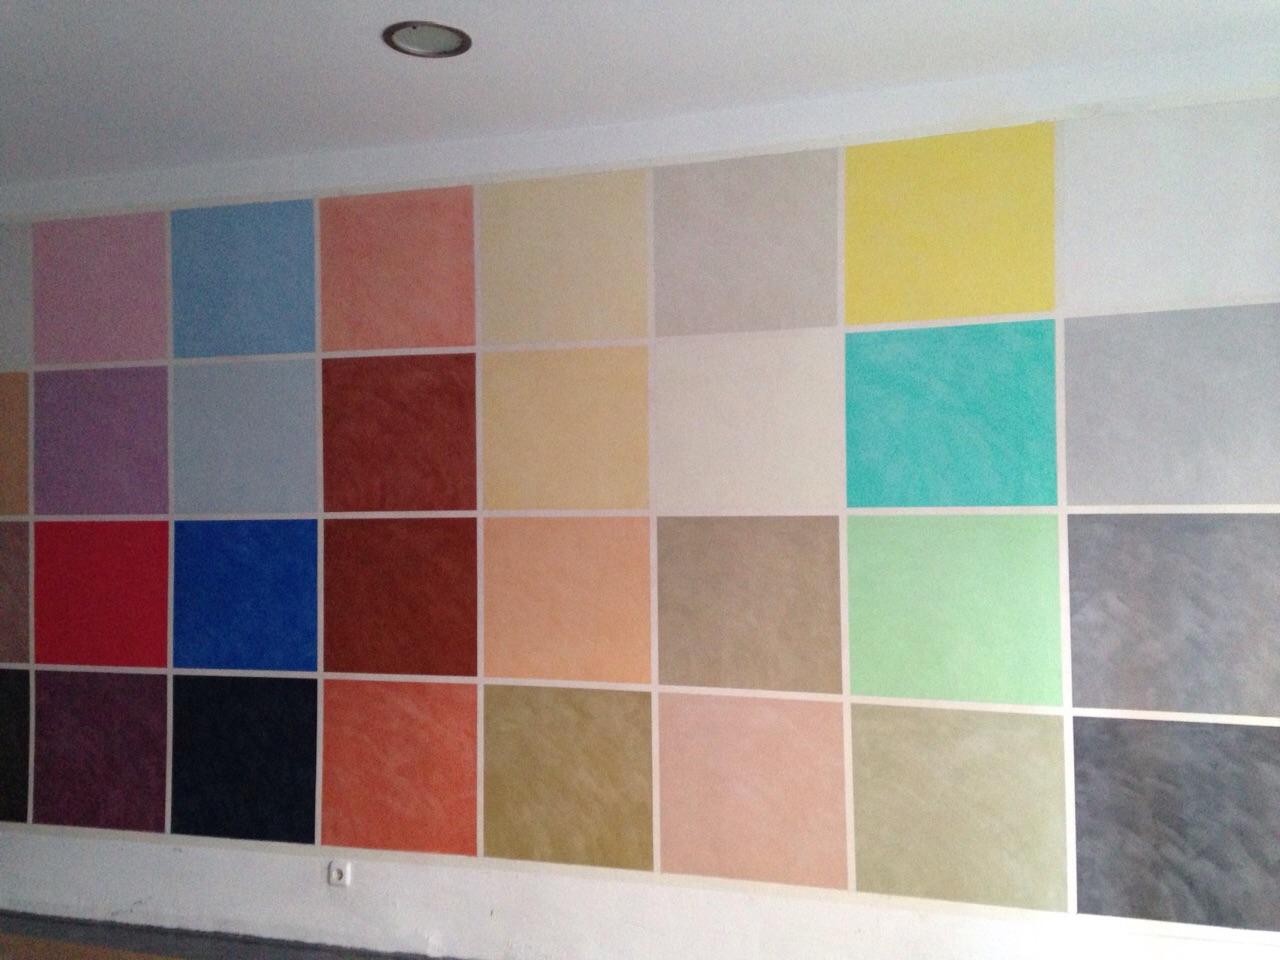 Materiales de construcci n construcci n en madera reformas - Colores de microcemento ...